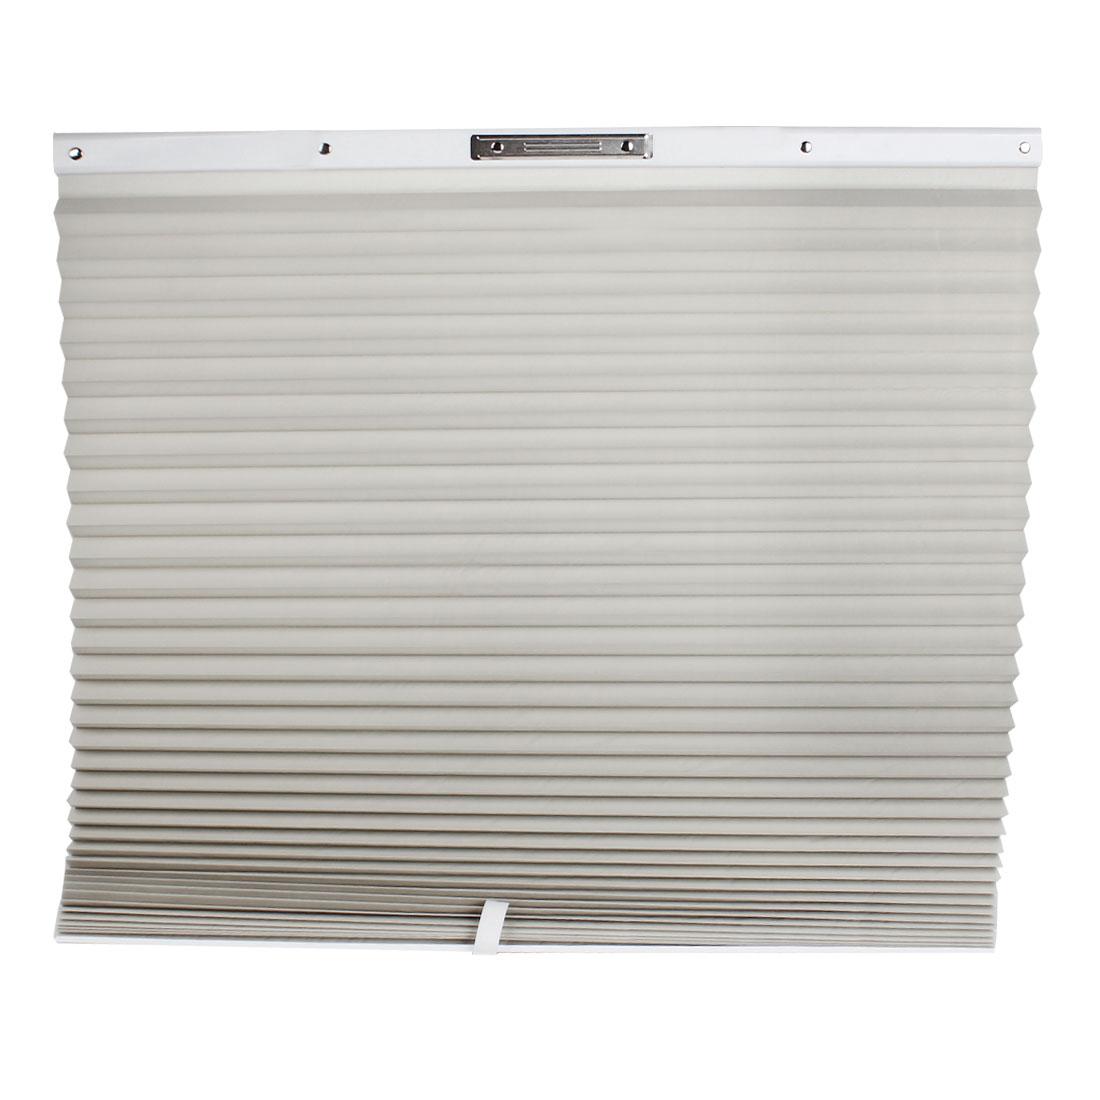 Car Front Rear Window Folding Sun Shade Sunshade Silver Tone 150 x 70cm